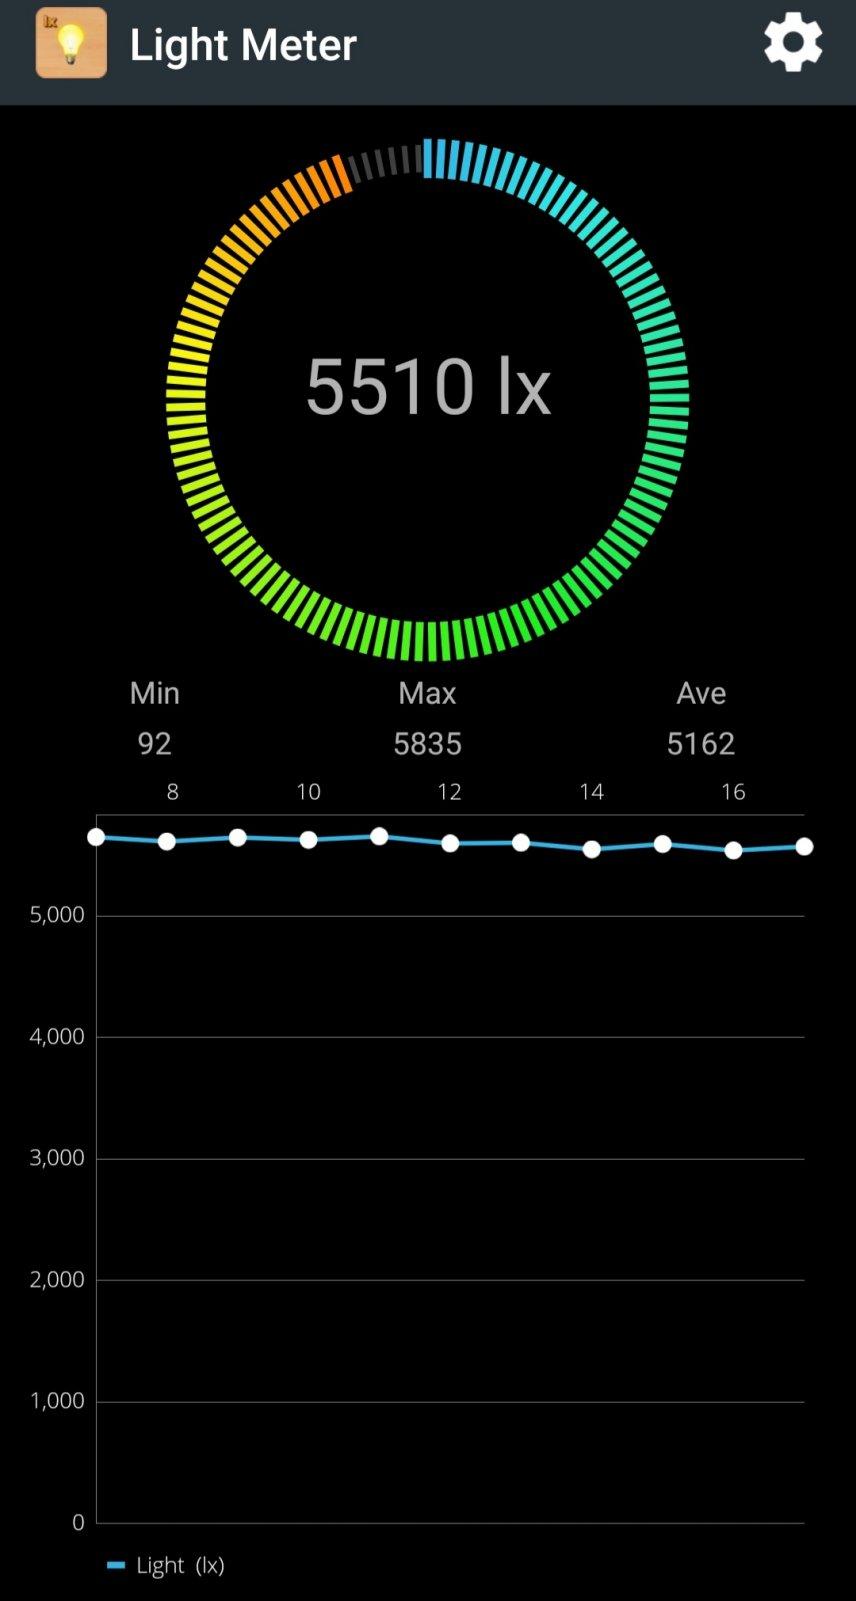 Screenshot_20210813-160534_Light Meter.jpg